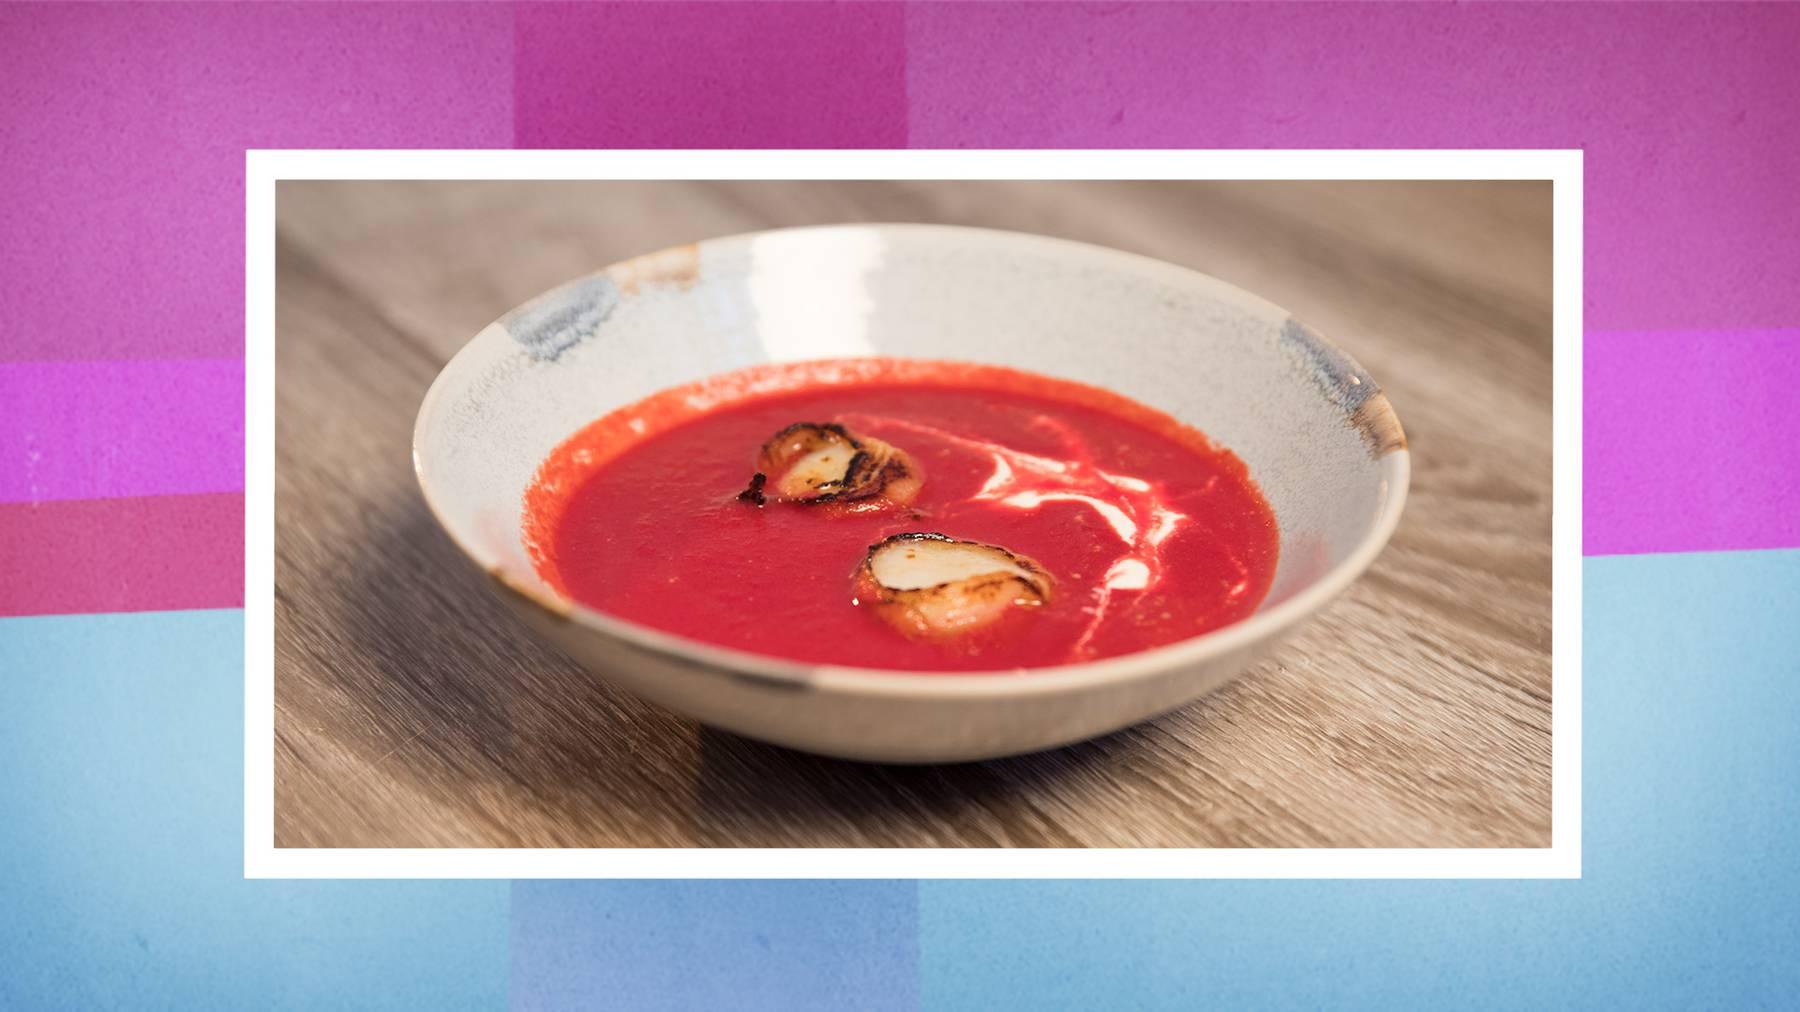 Die Vorspeise: Randen-Suppe mit Jakobsmuscheln